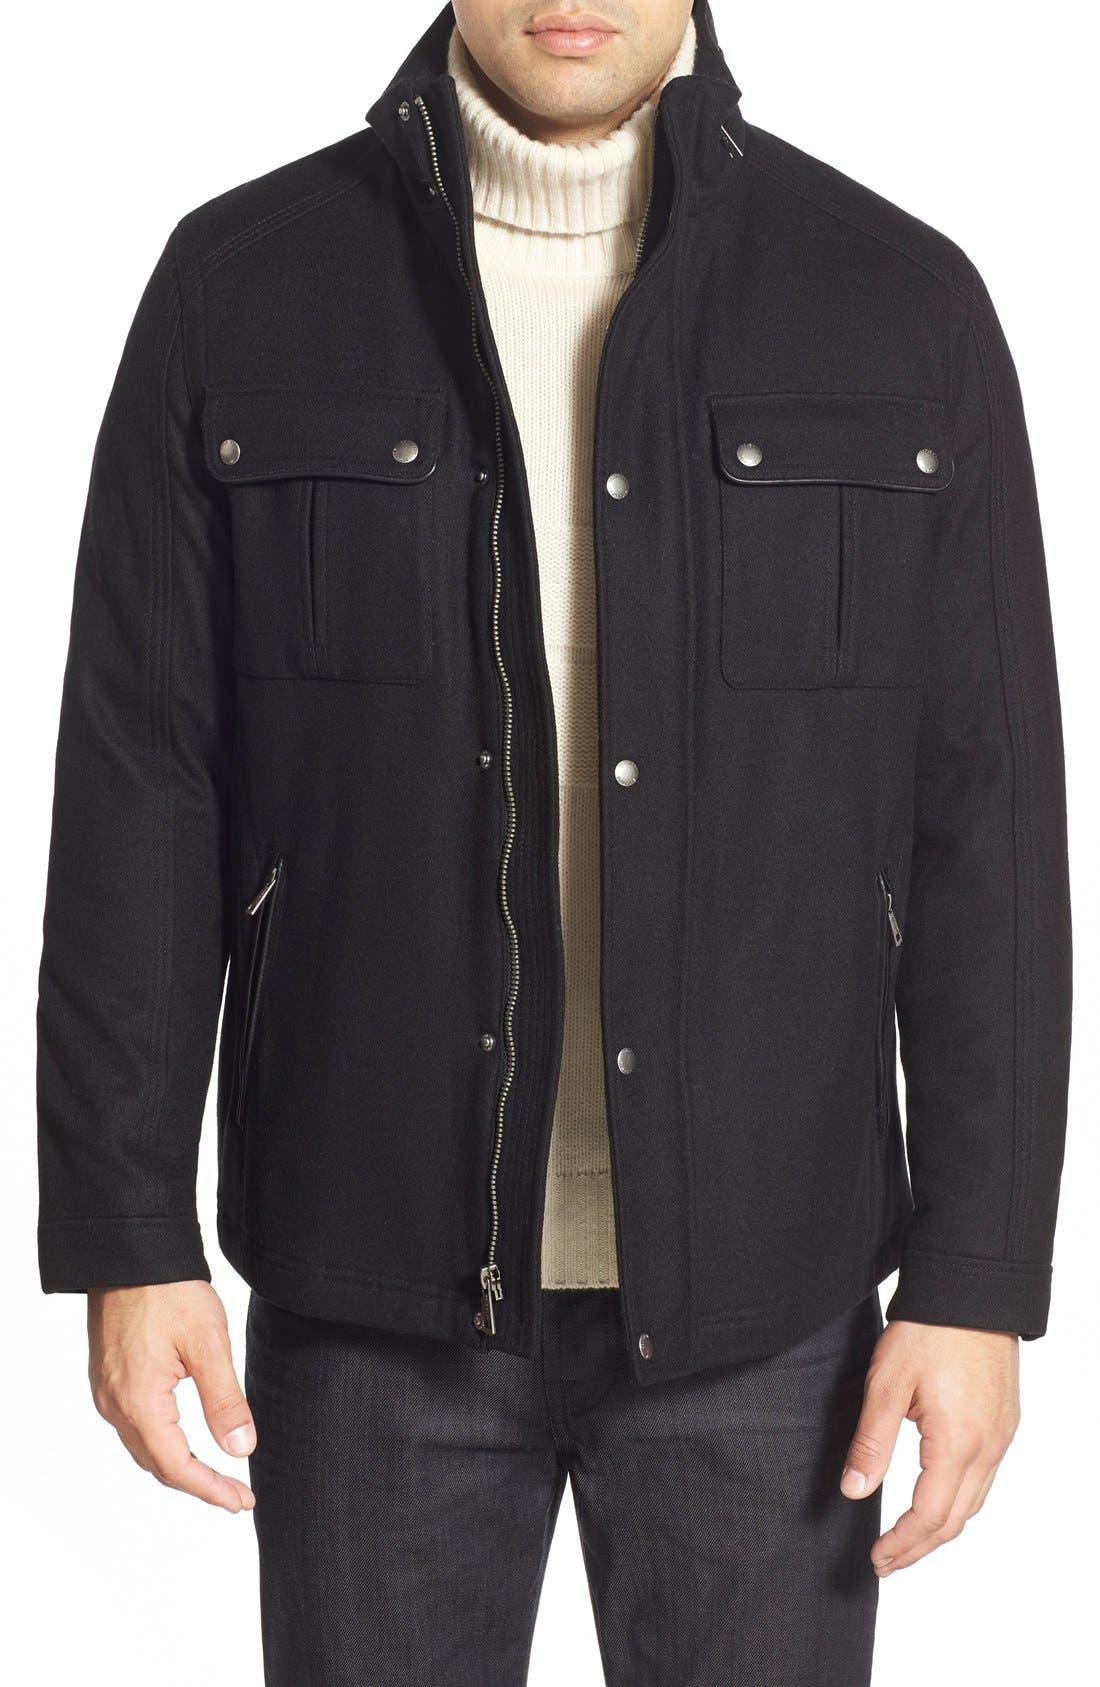 COLE HAAN Melton Coat, Main, color, 001